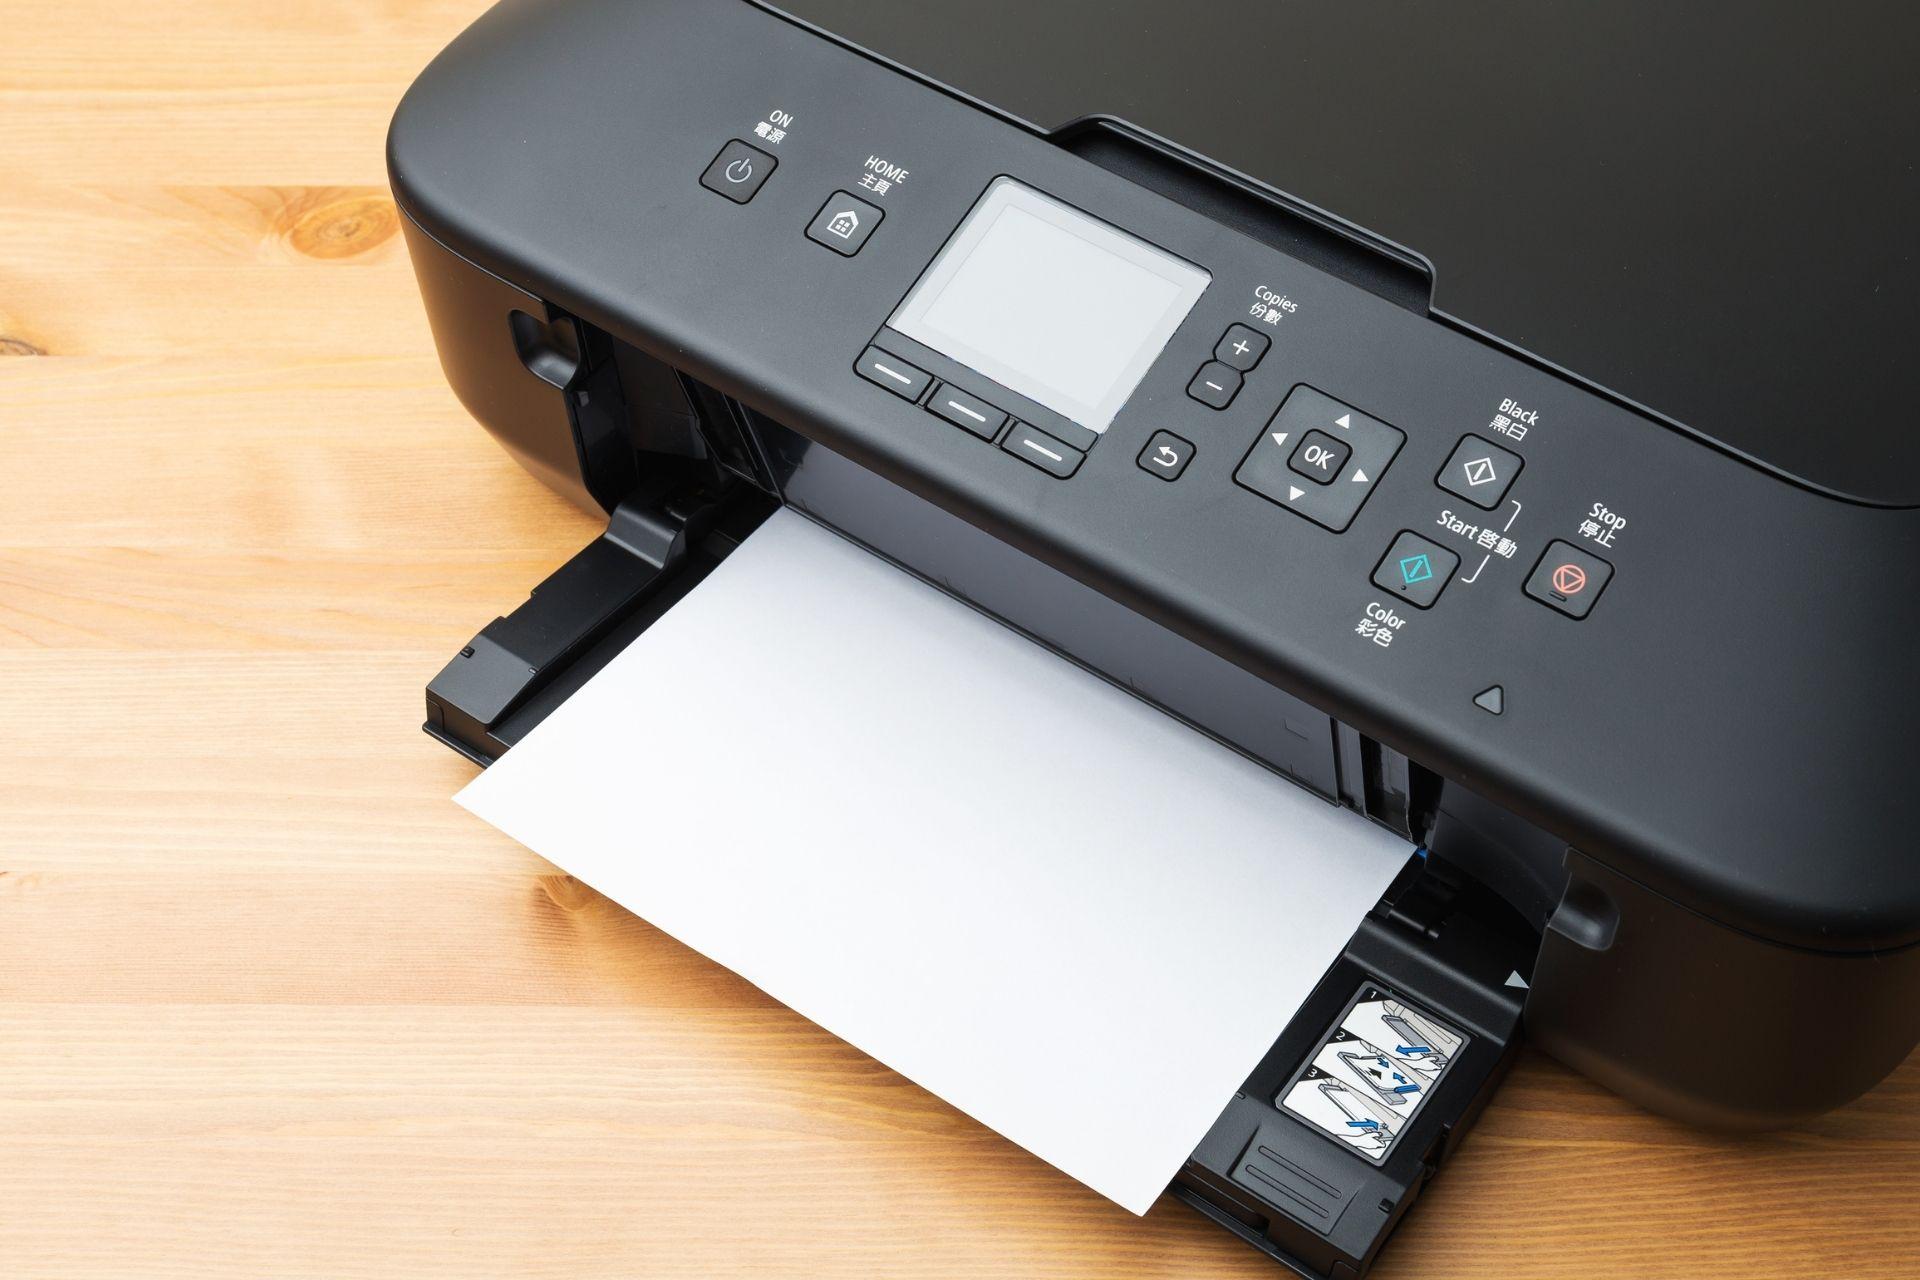 A black printer